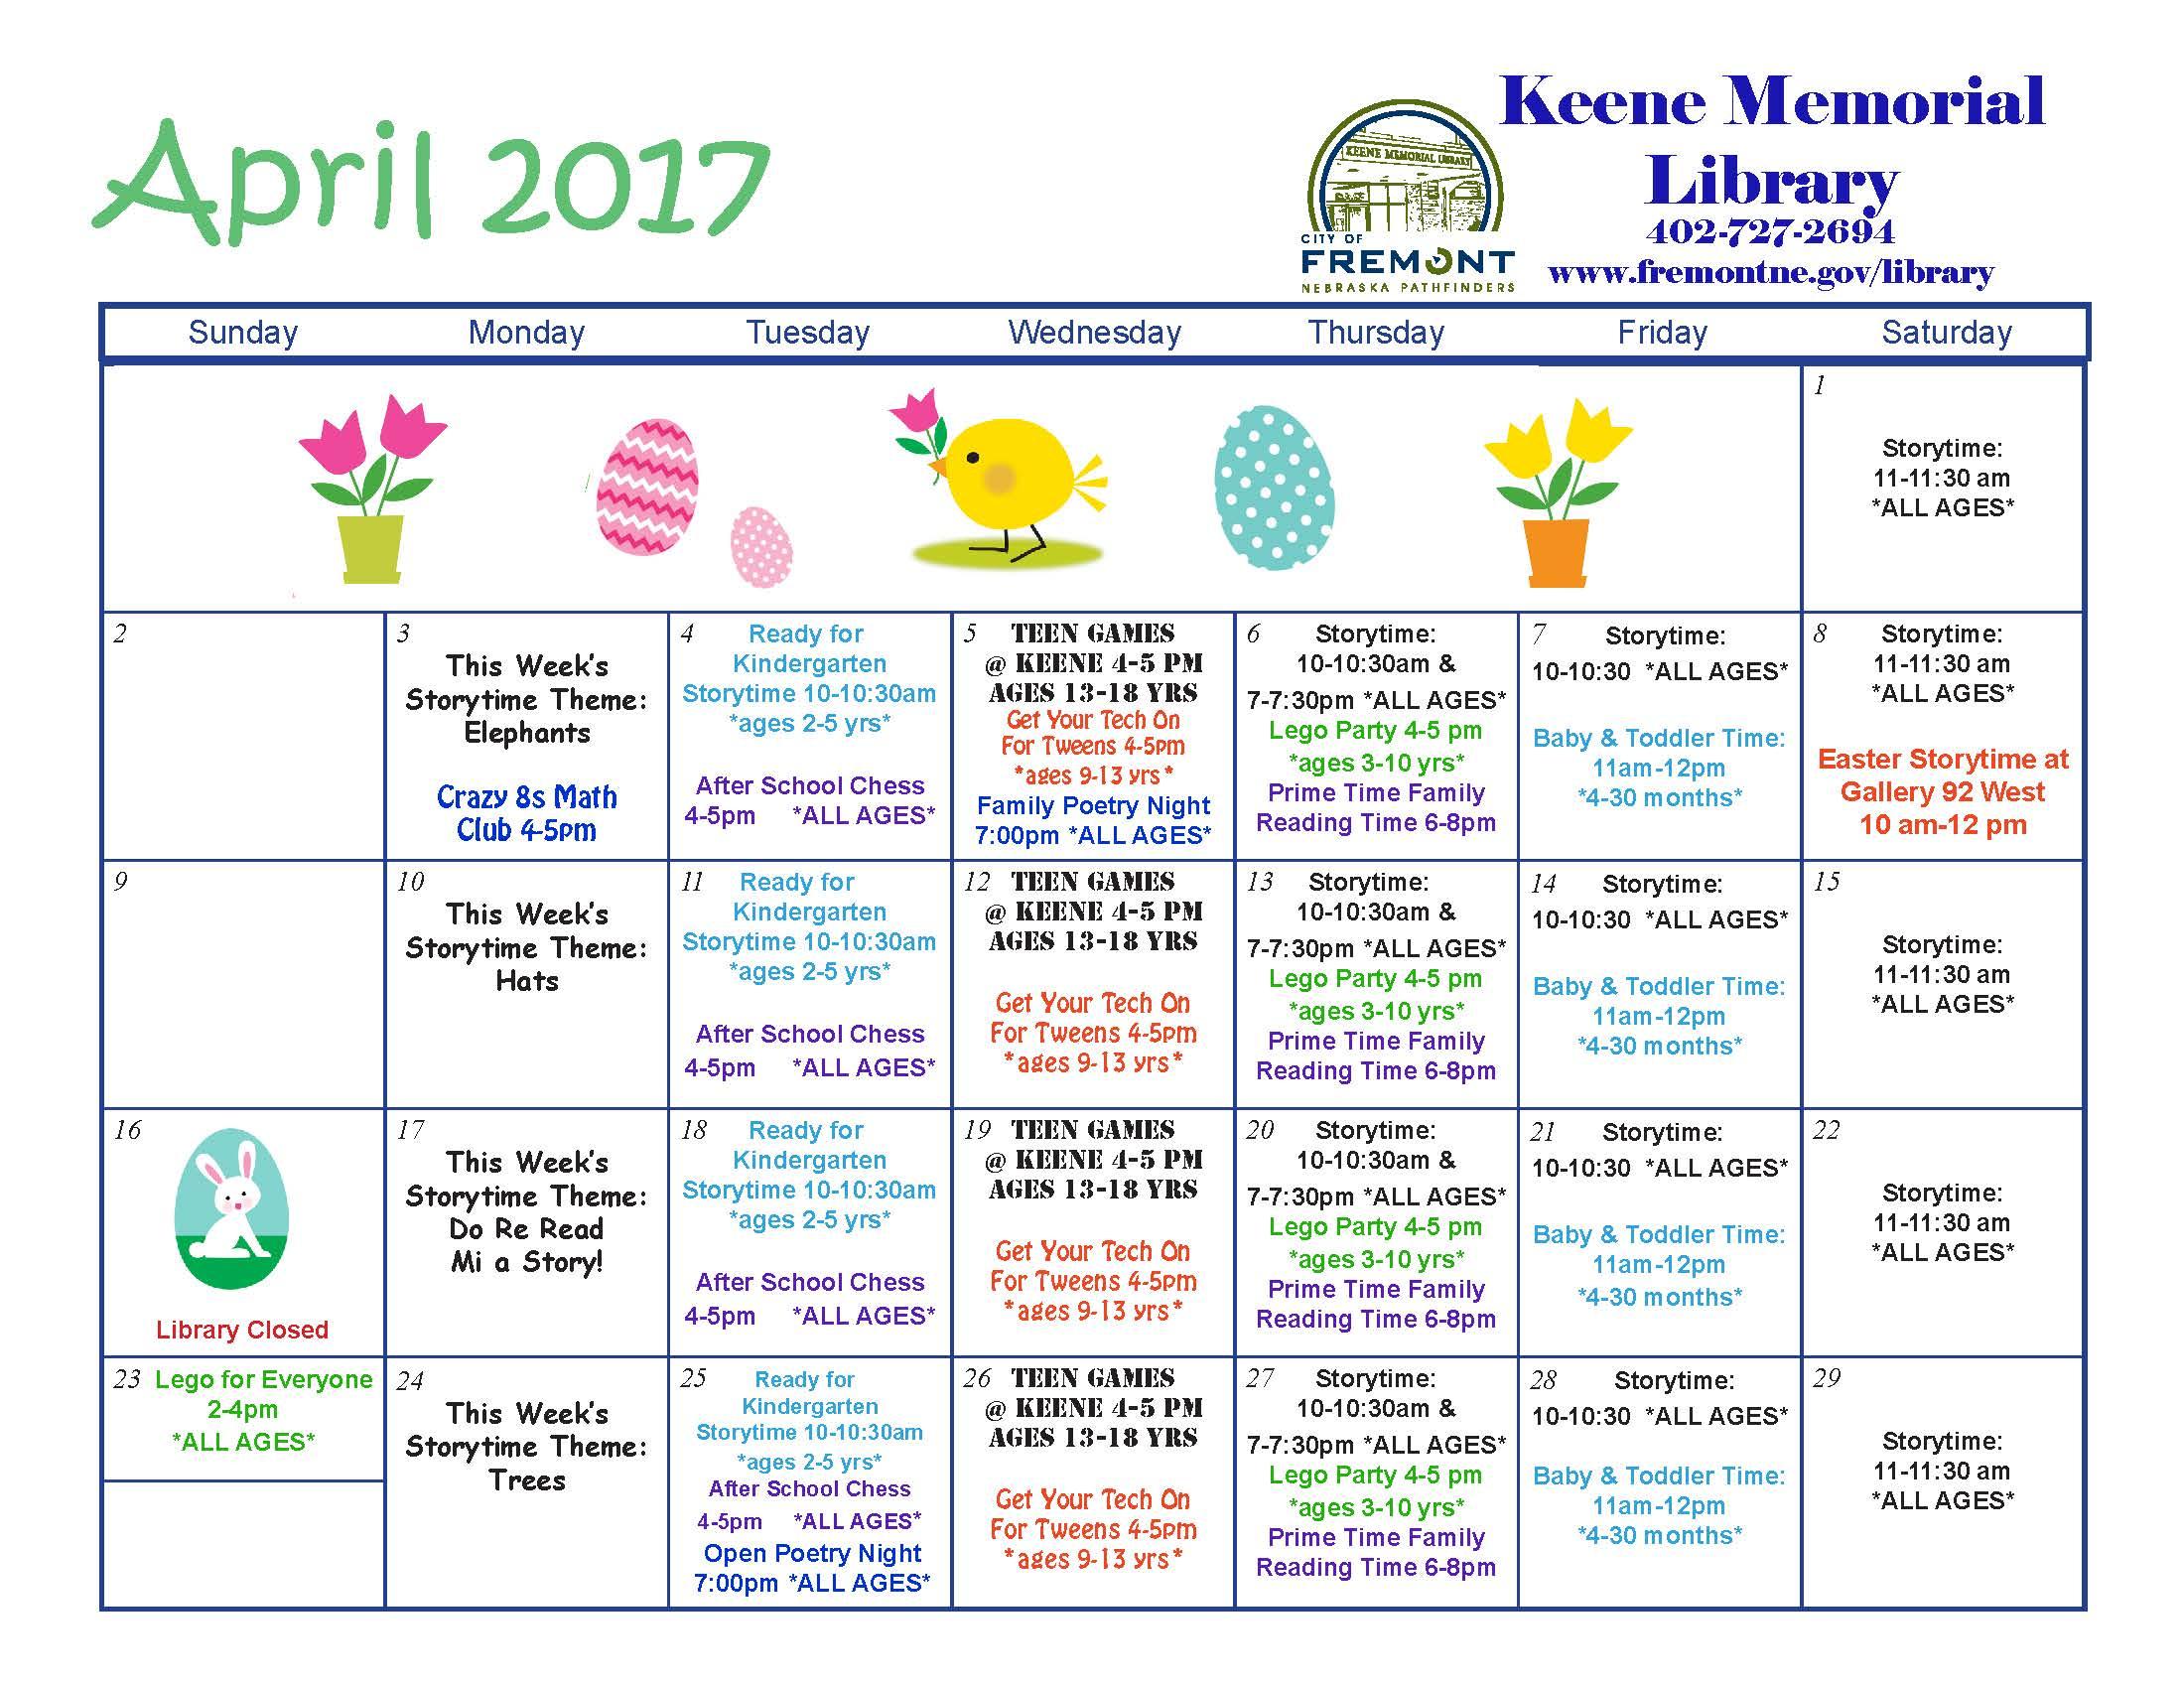 Calendar For Kids Activities : Kids activity calendar fremont ne official website